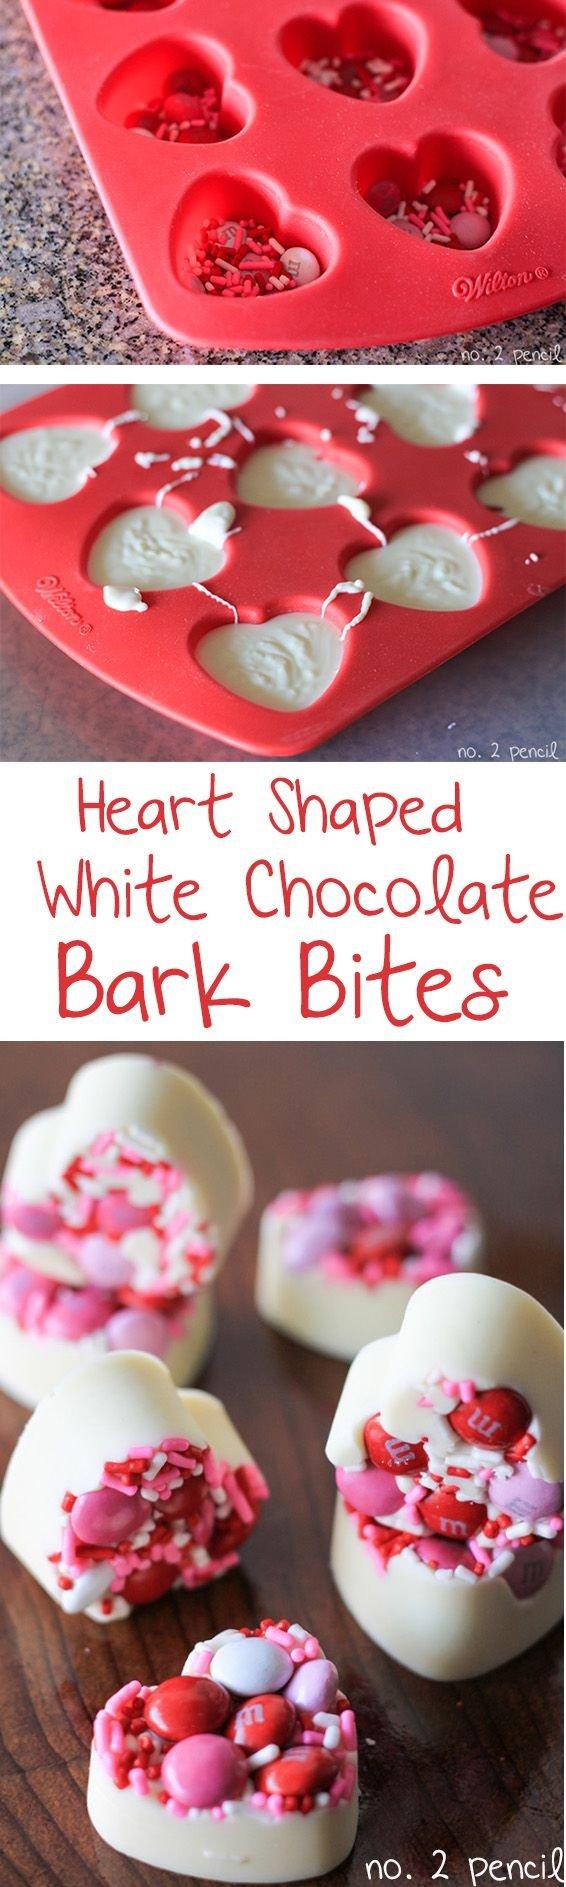 White Chocolate Bark